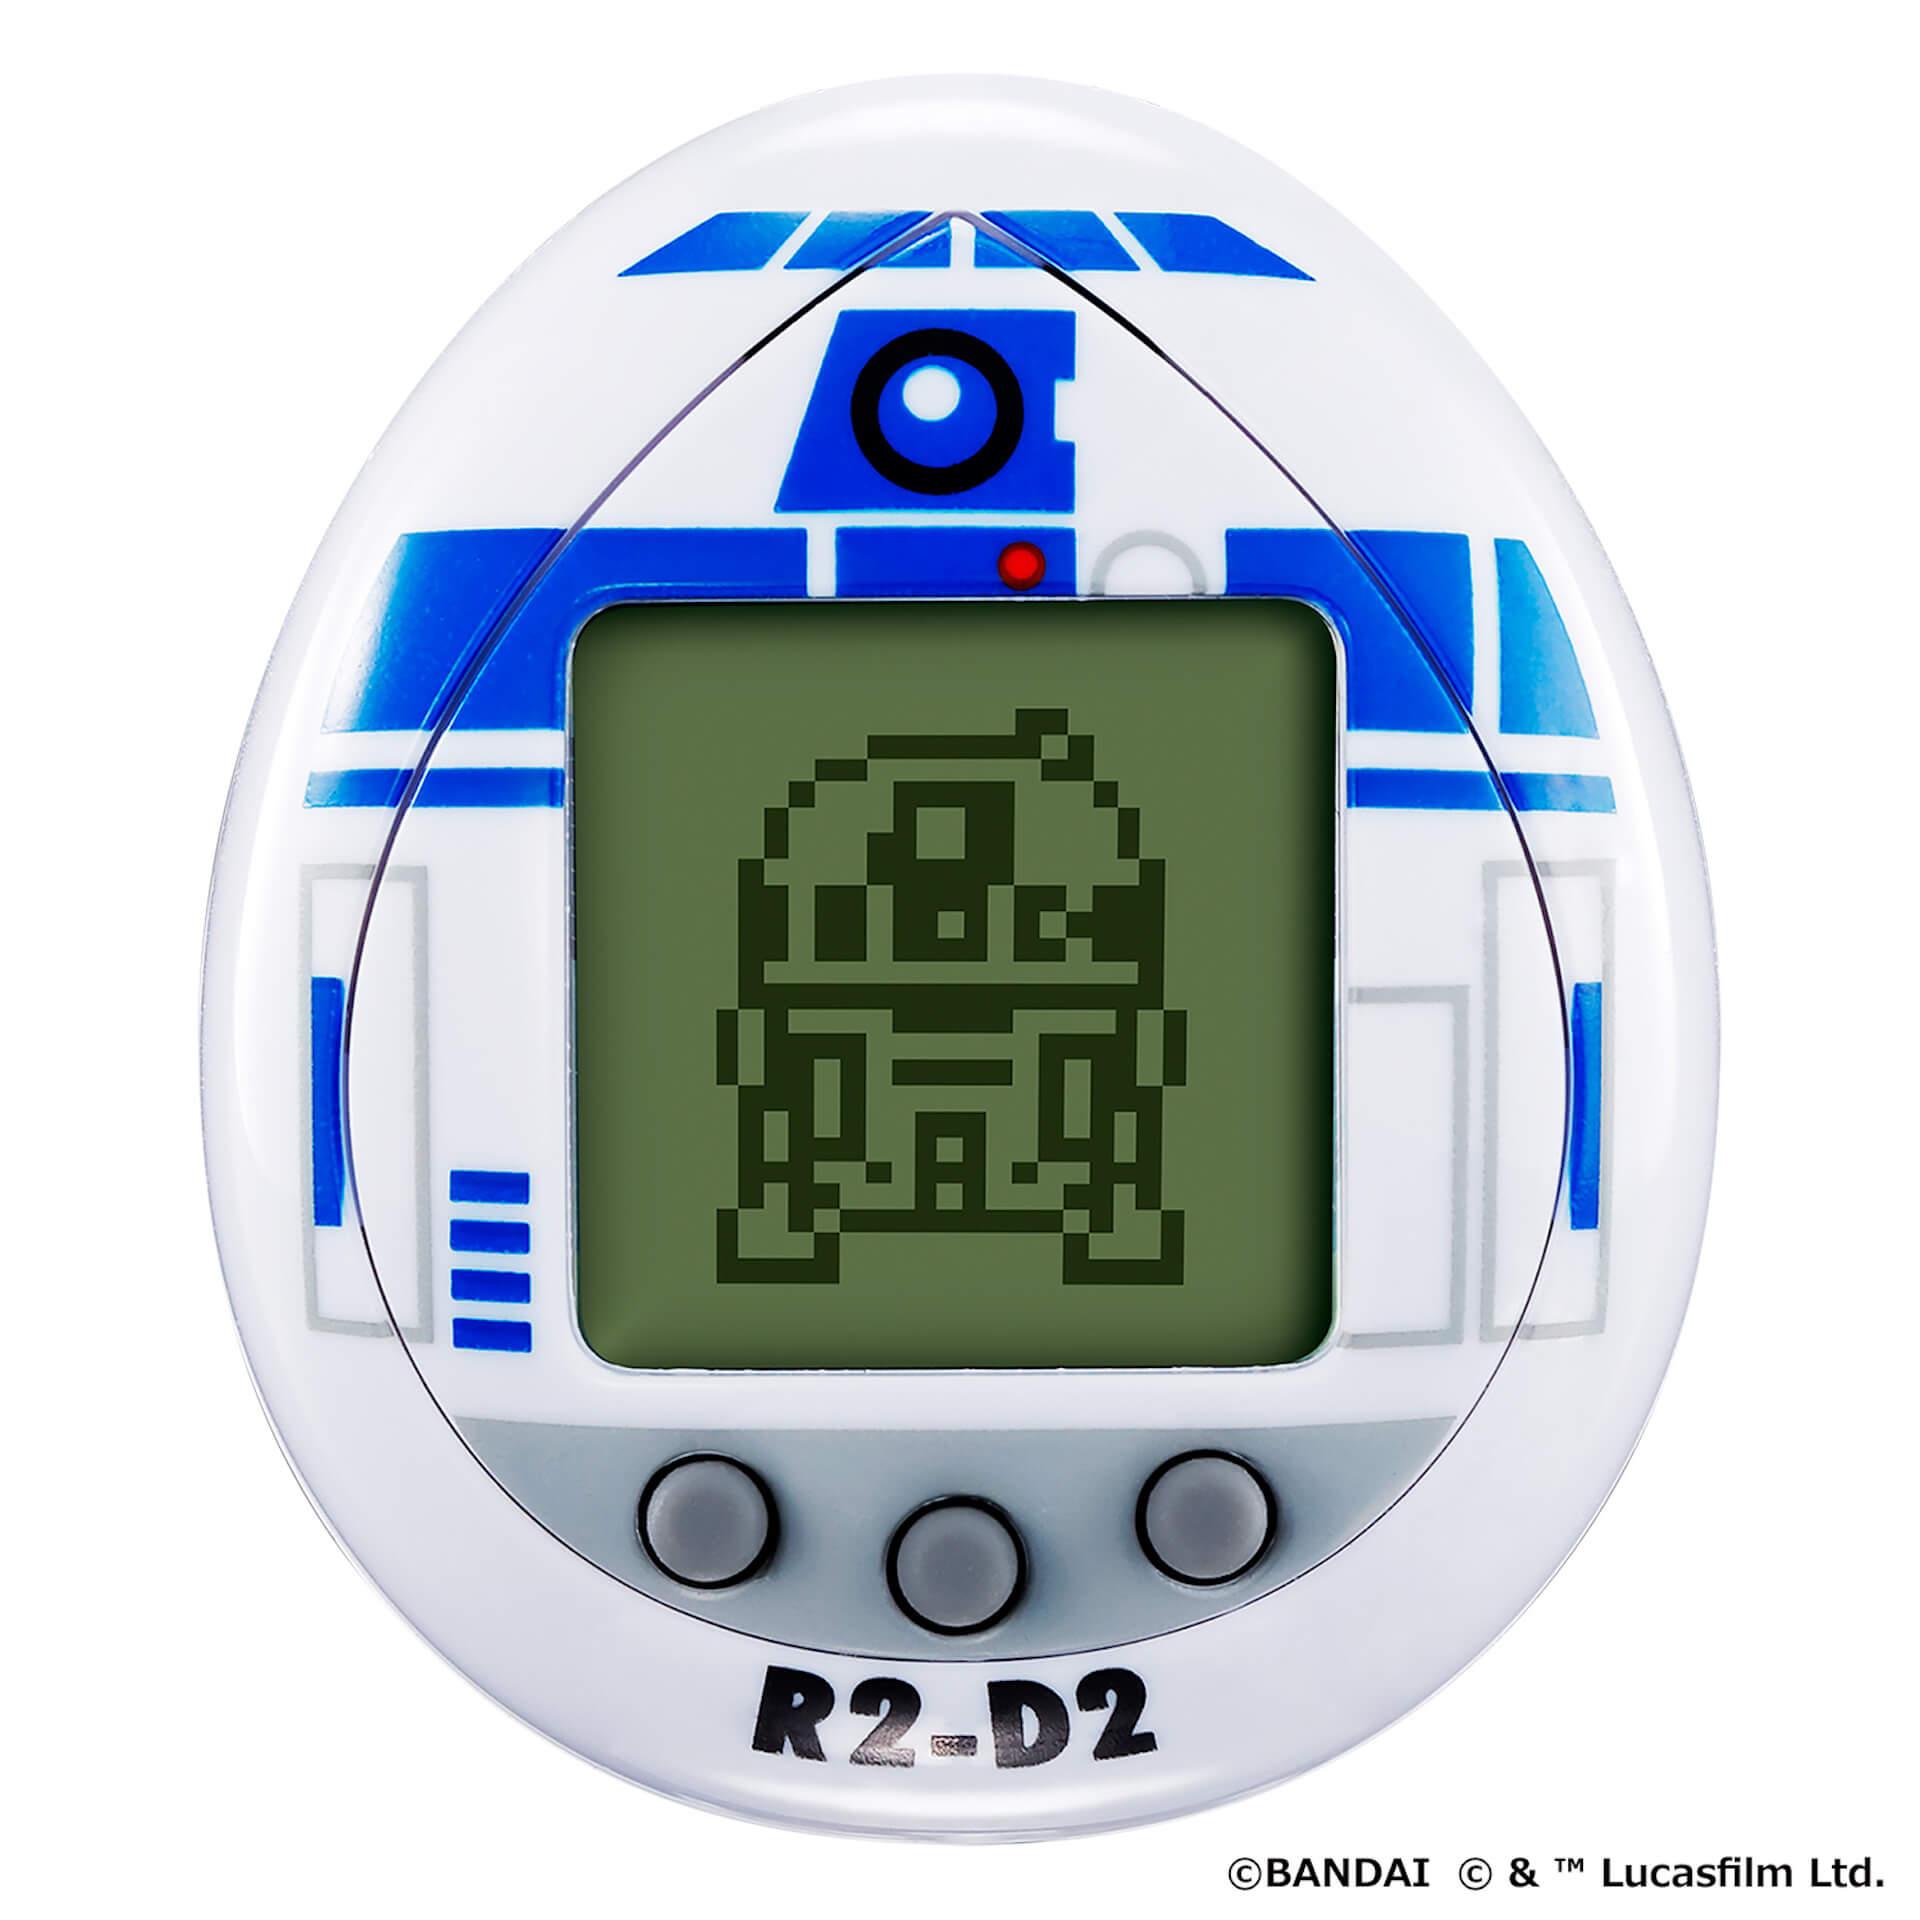 『スター・ウォーズ』のR2-D2をたまごっちで育成しよう!『R2-D2 TAMAGOTCHI』がバンダイから発売決定 tech210803_starwars_r2d2_2